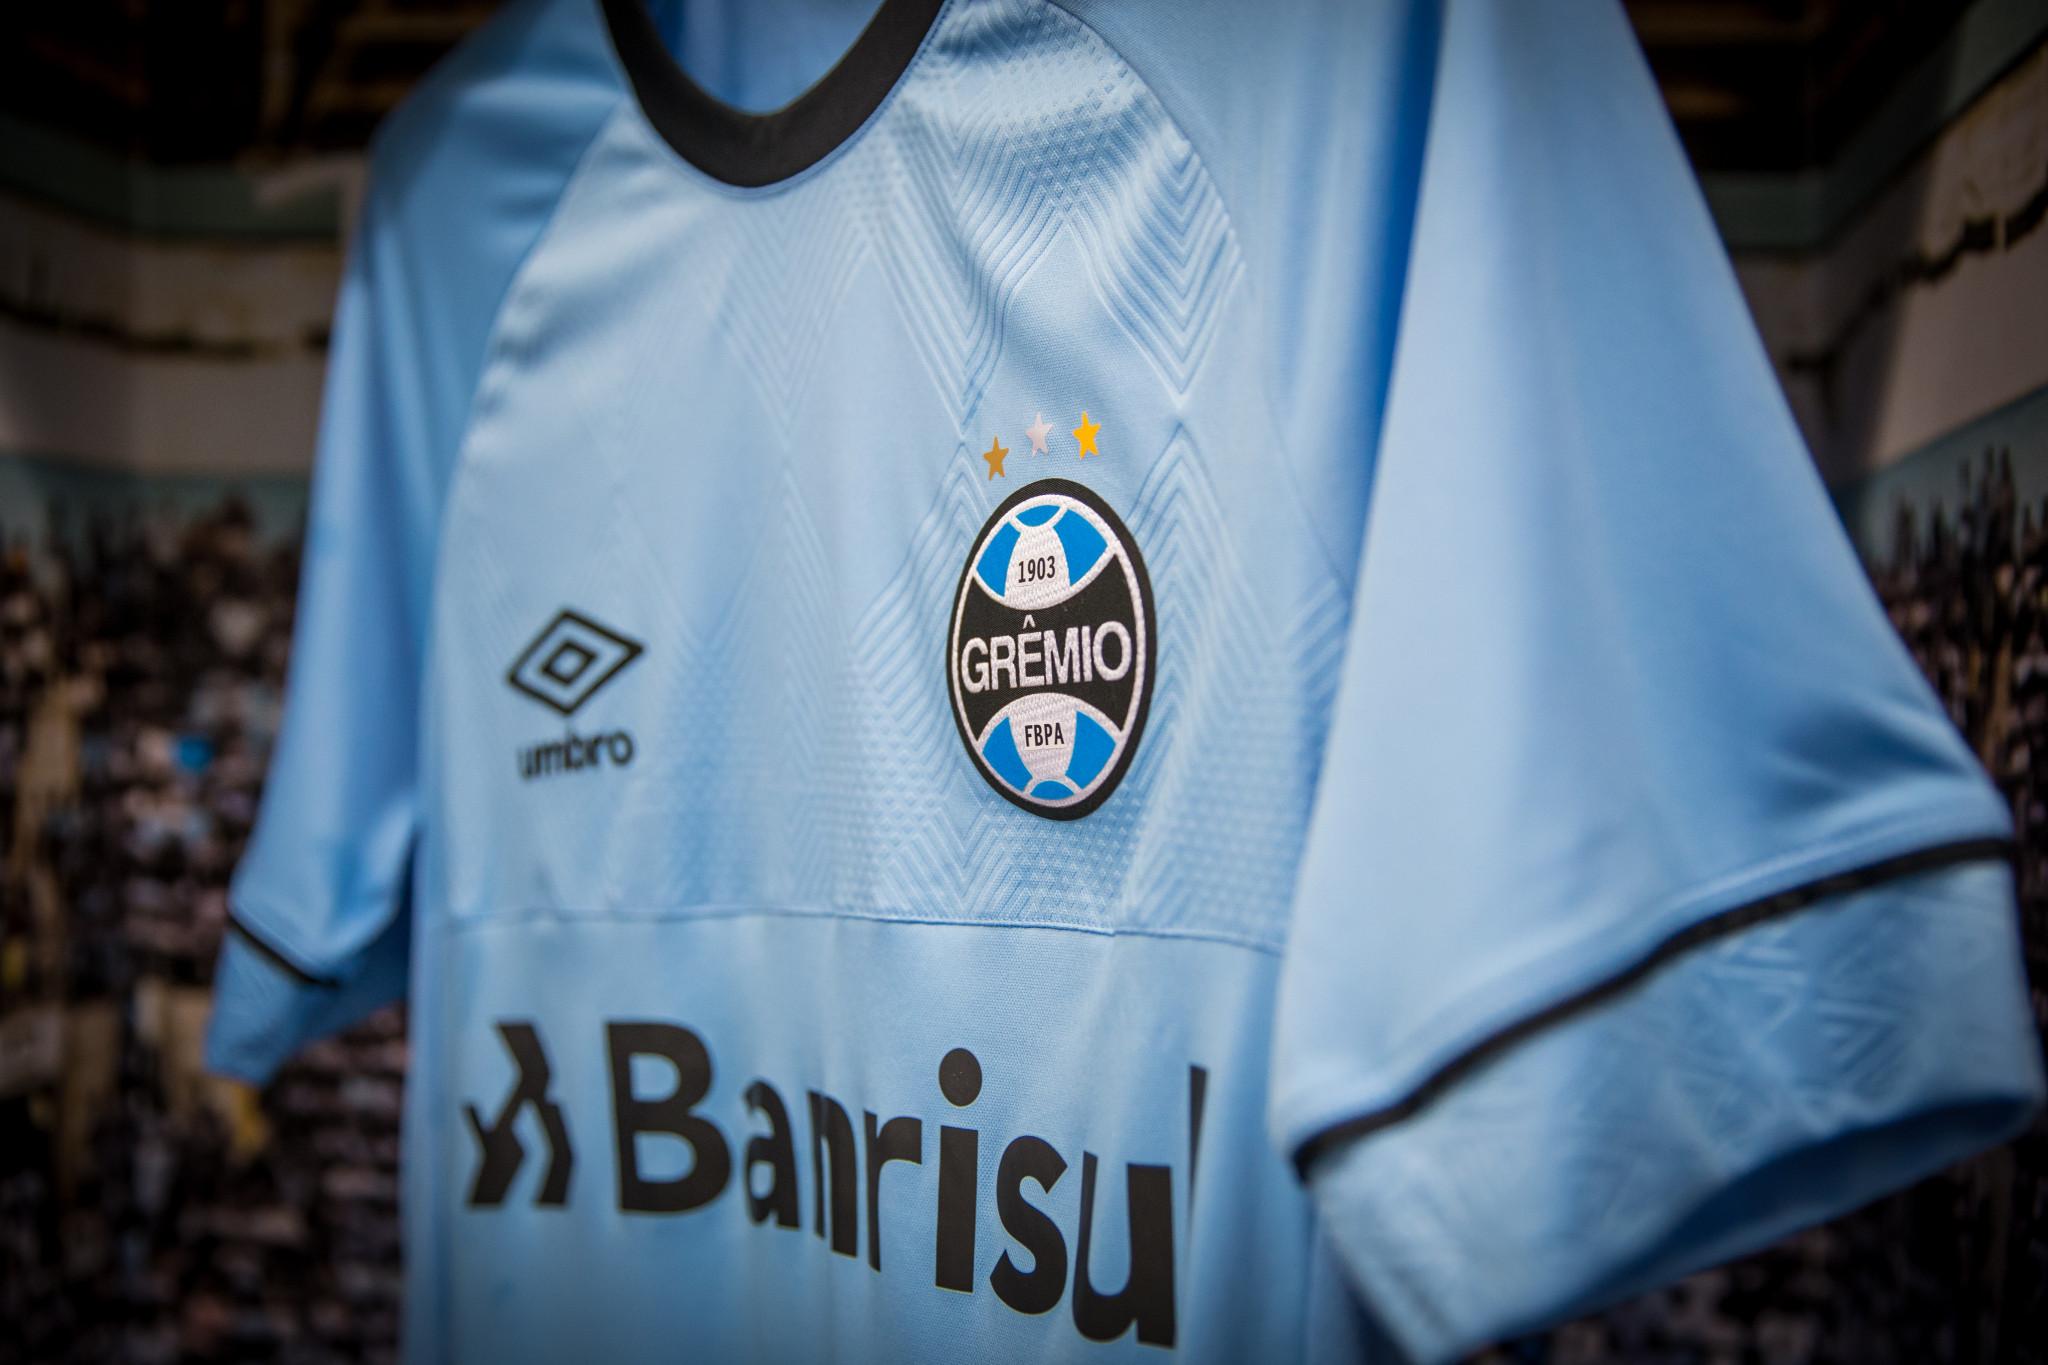 77cd8a7bbee06 Grêmio e Umbro apresentam a nova camisa oficial de jogo do Tricolor